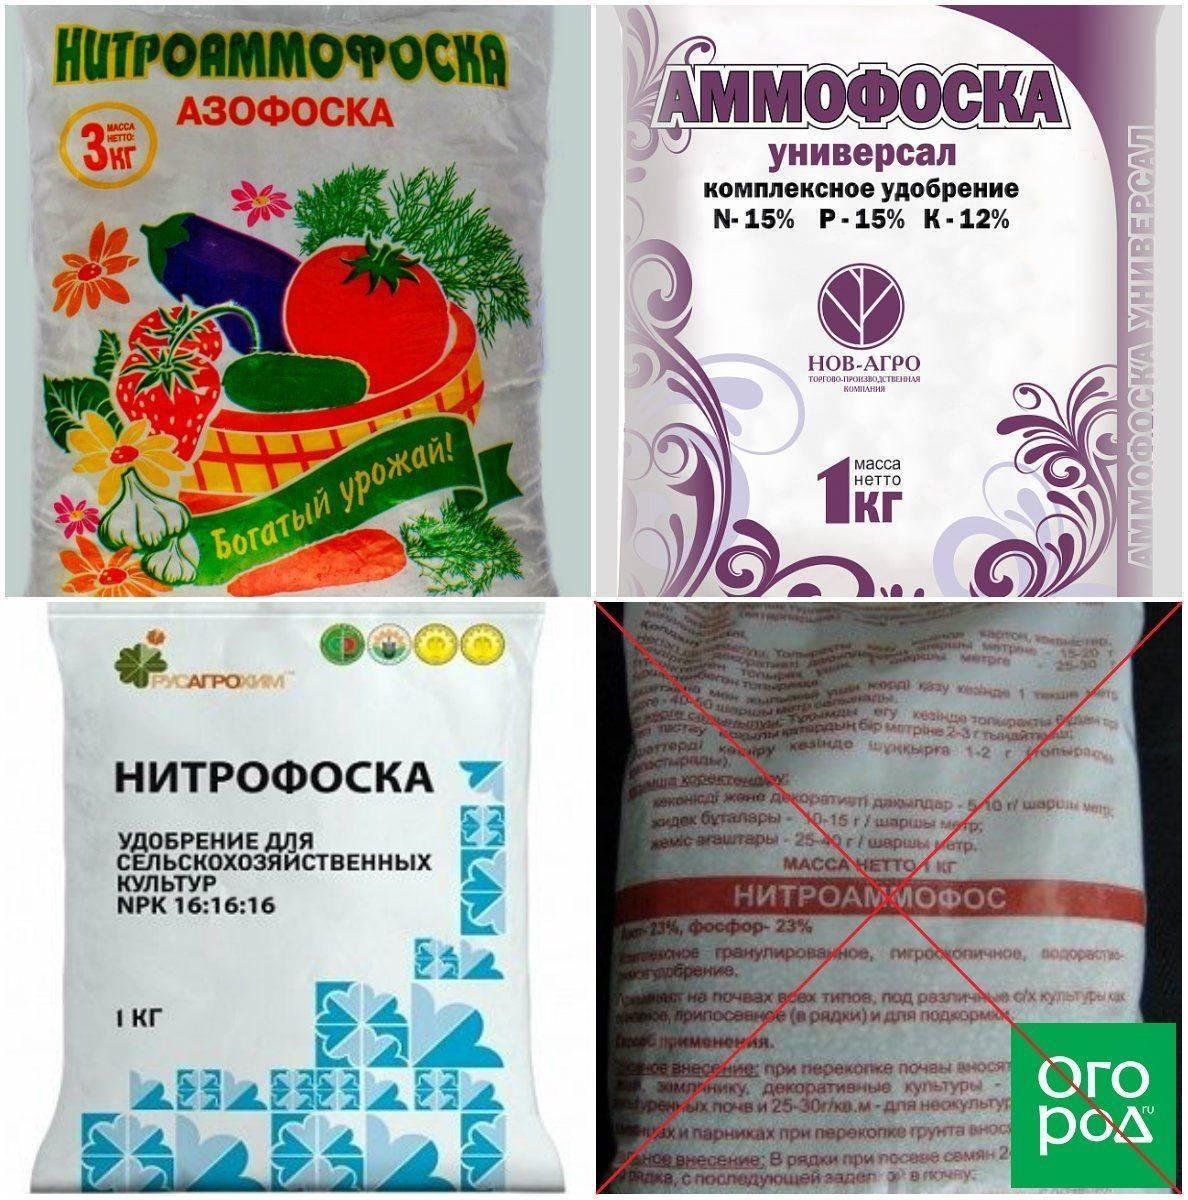 Нитроаммофоска удобрение: применение при выращивании культур